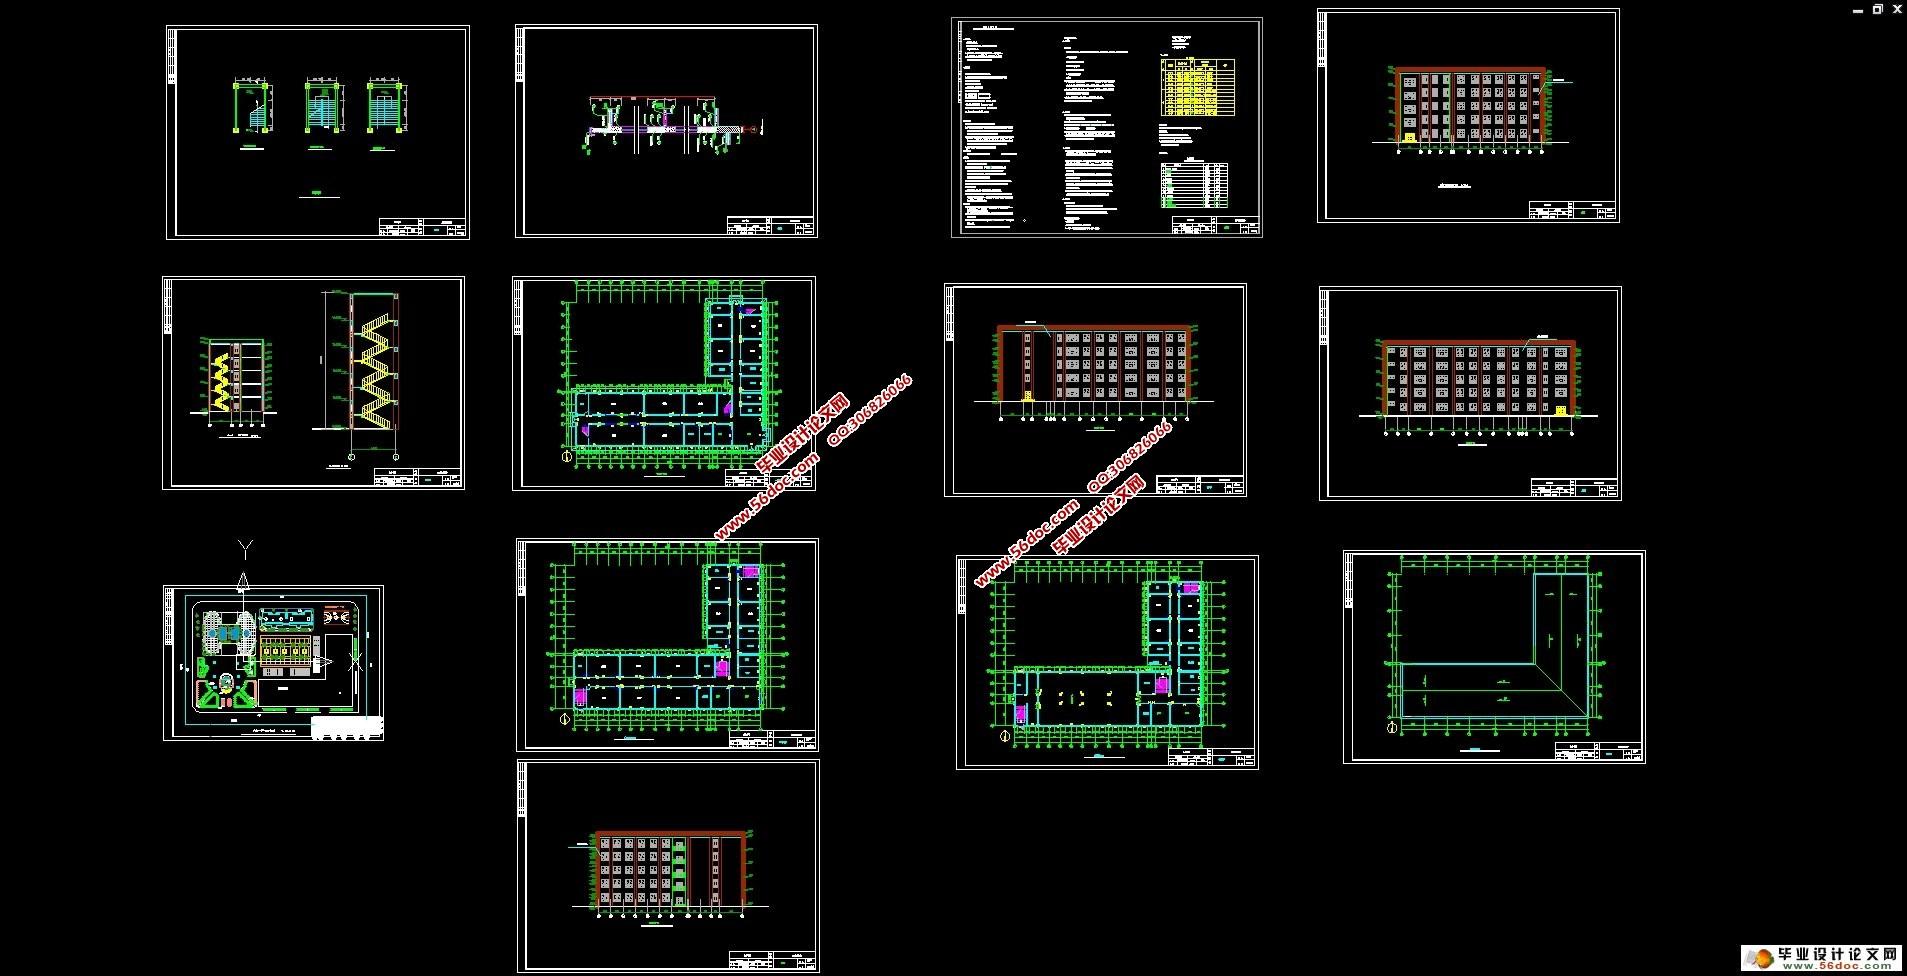 爱毕业设计网 土木毕业设计